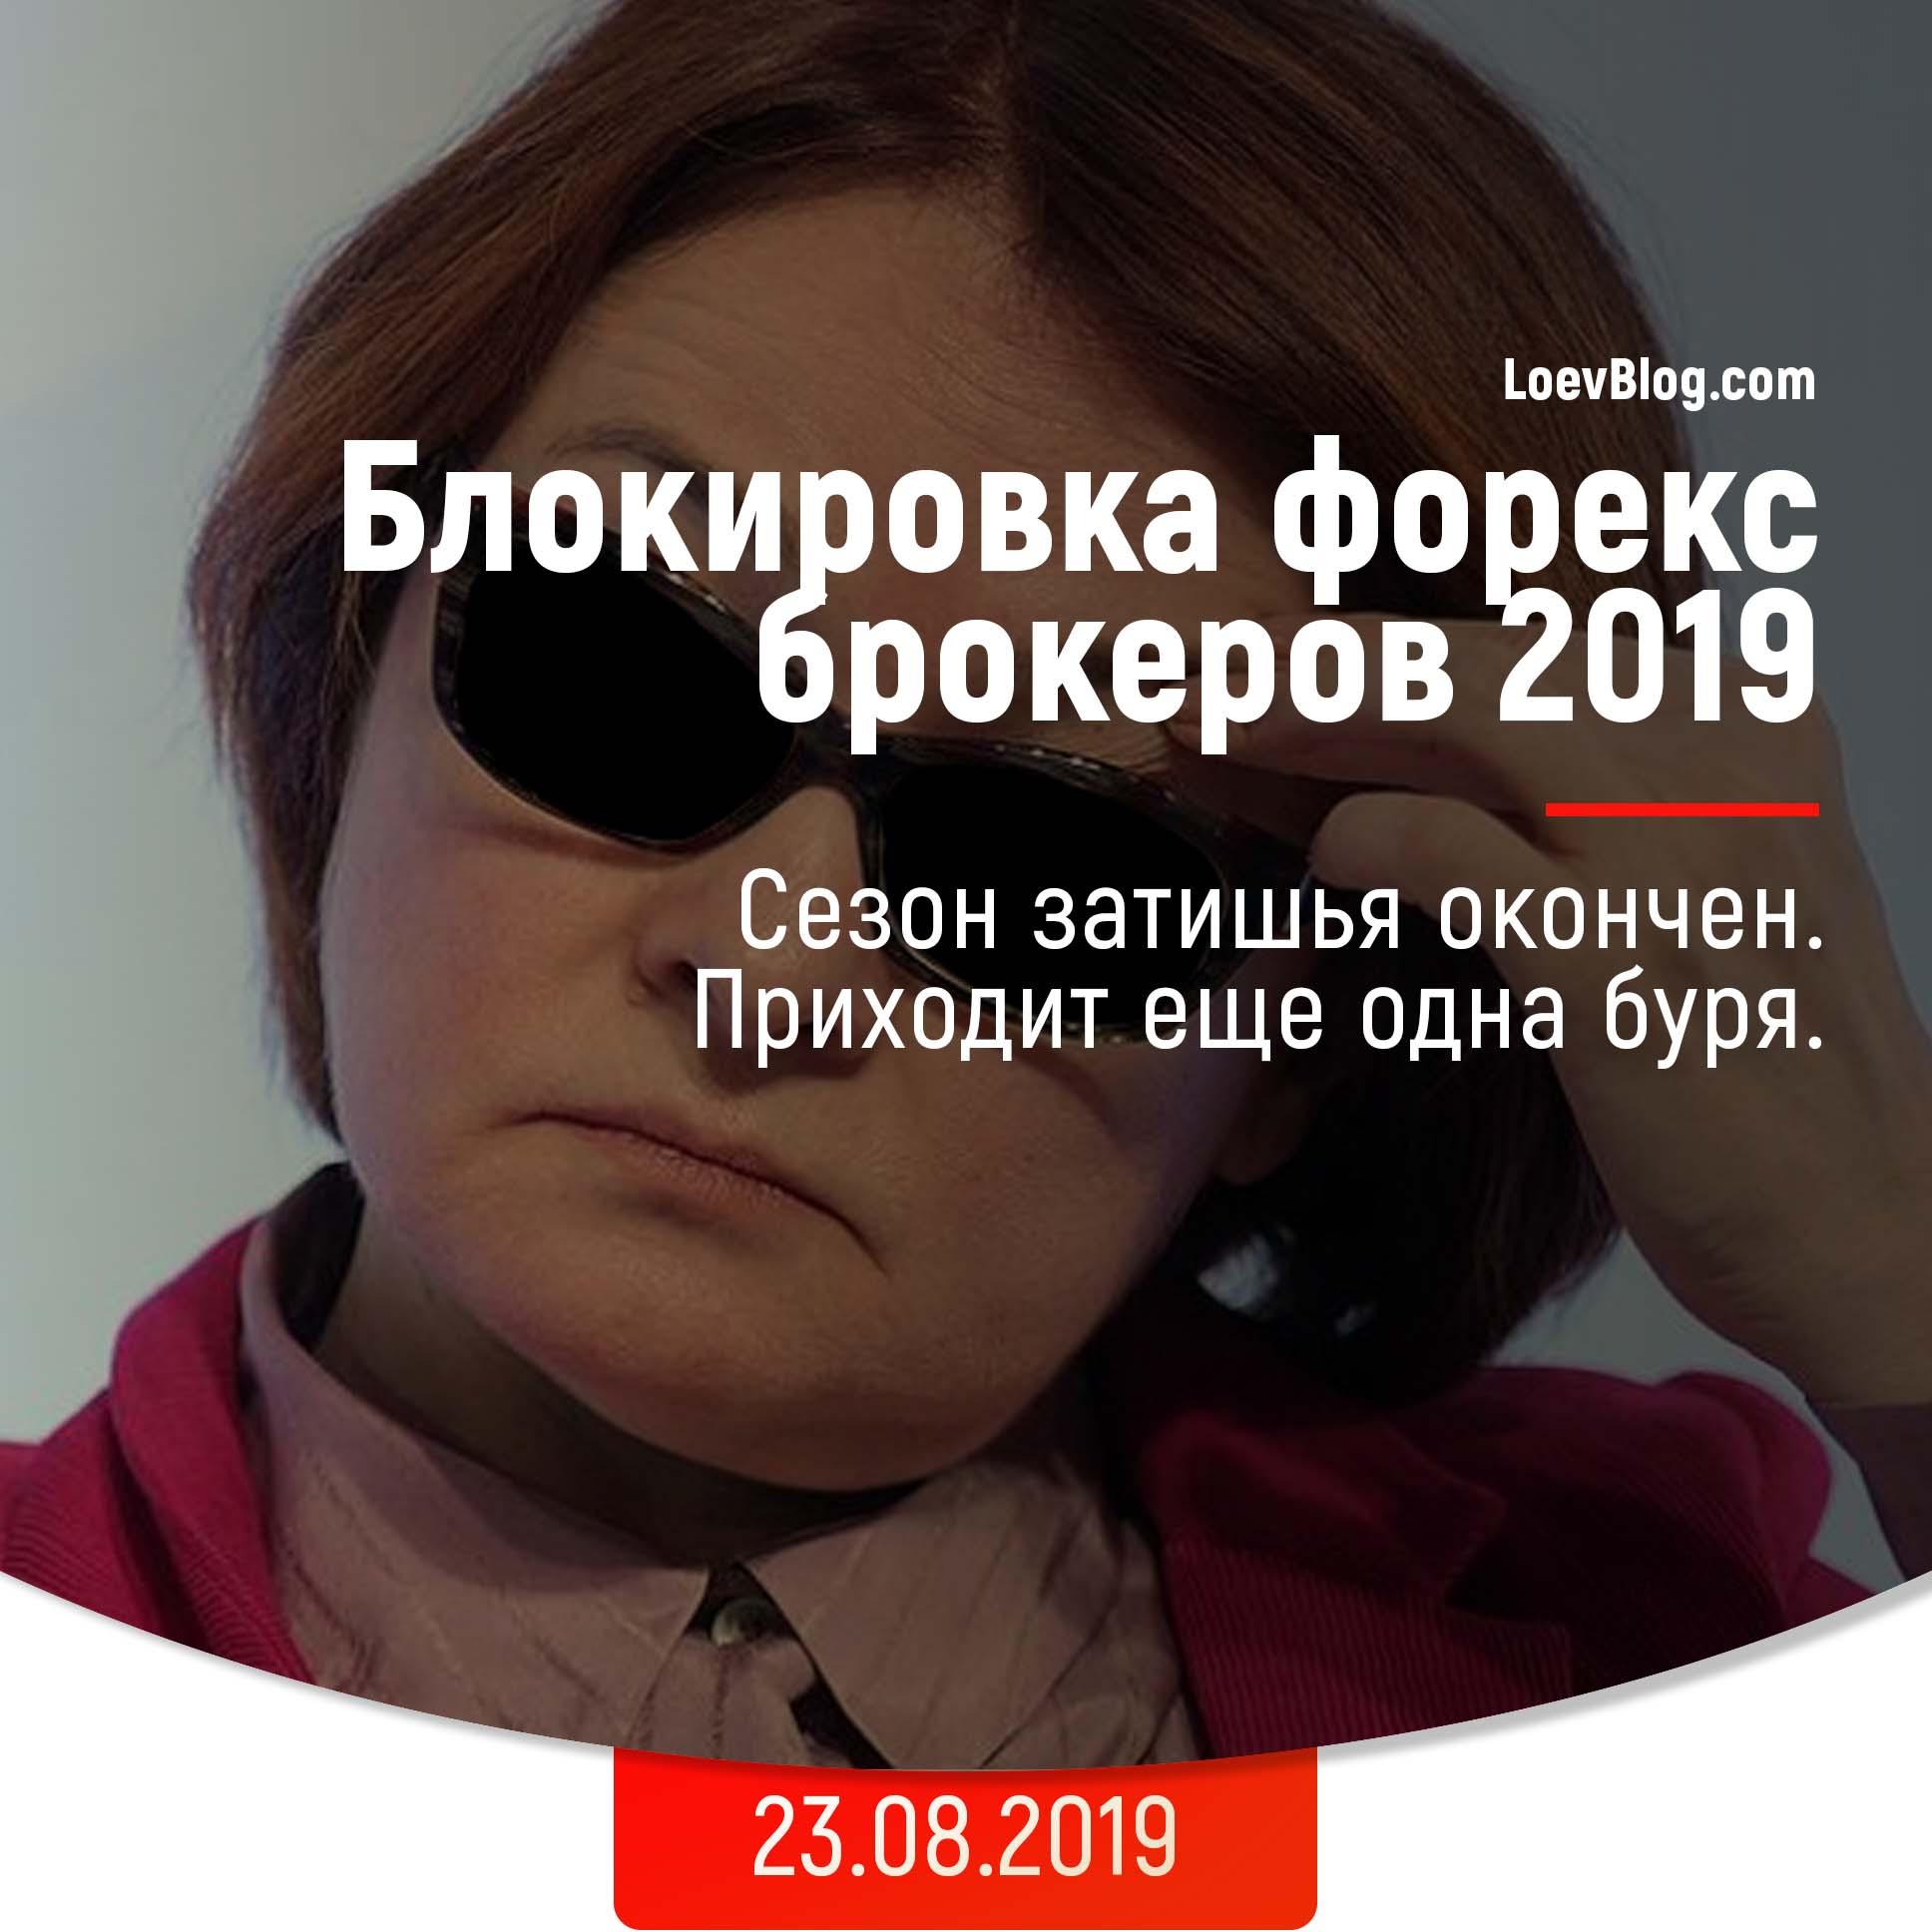 Блокировка форекс брокеров 2019 8